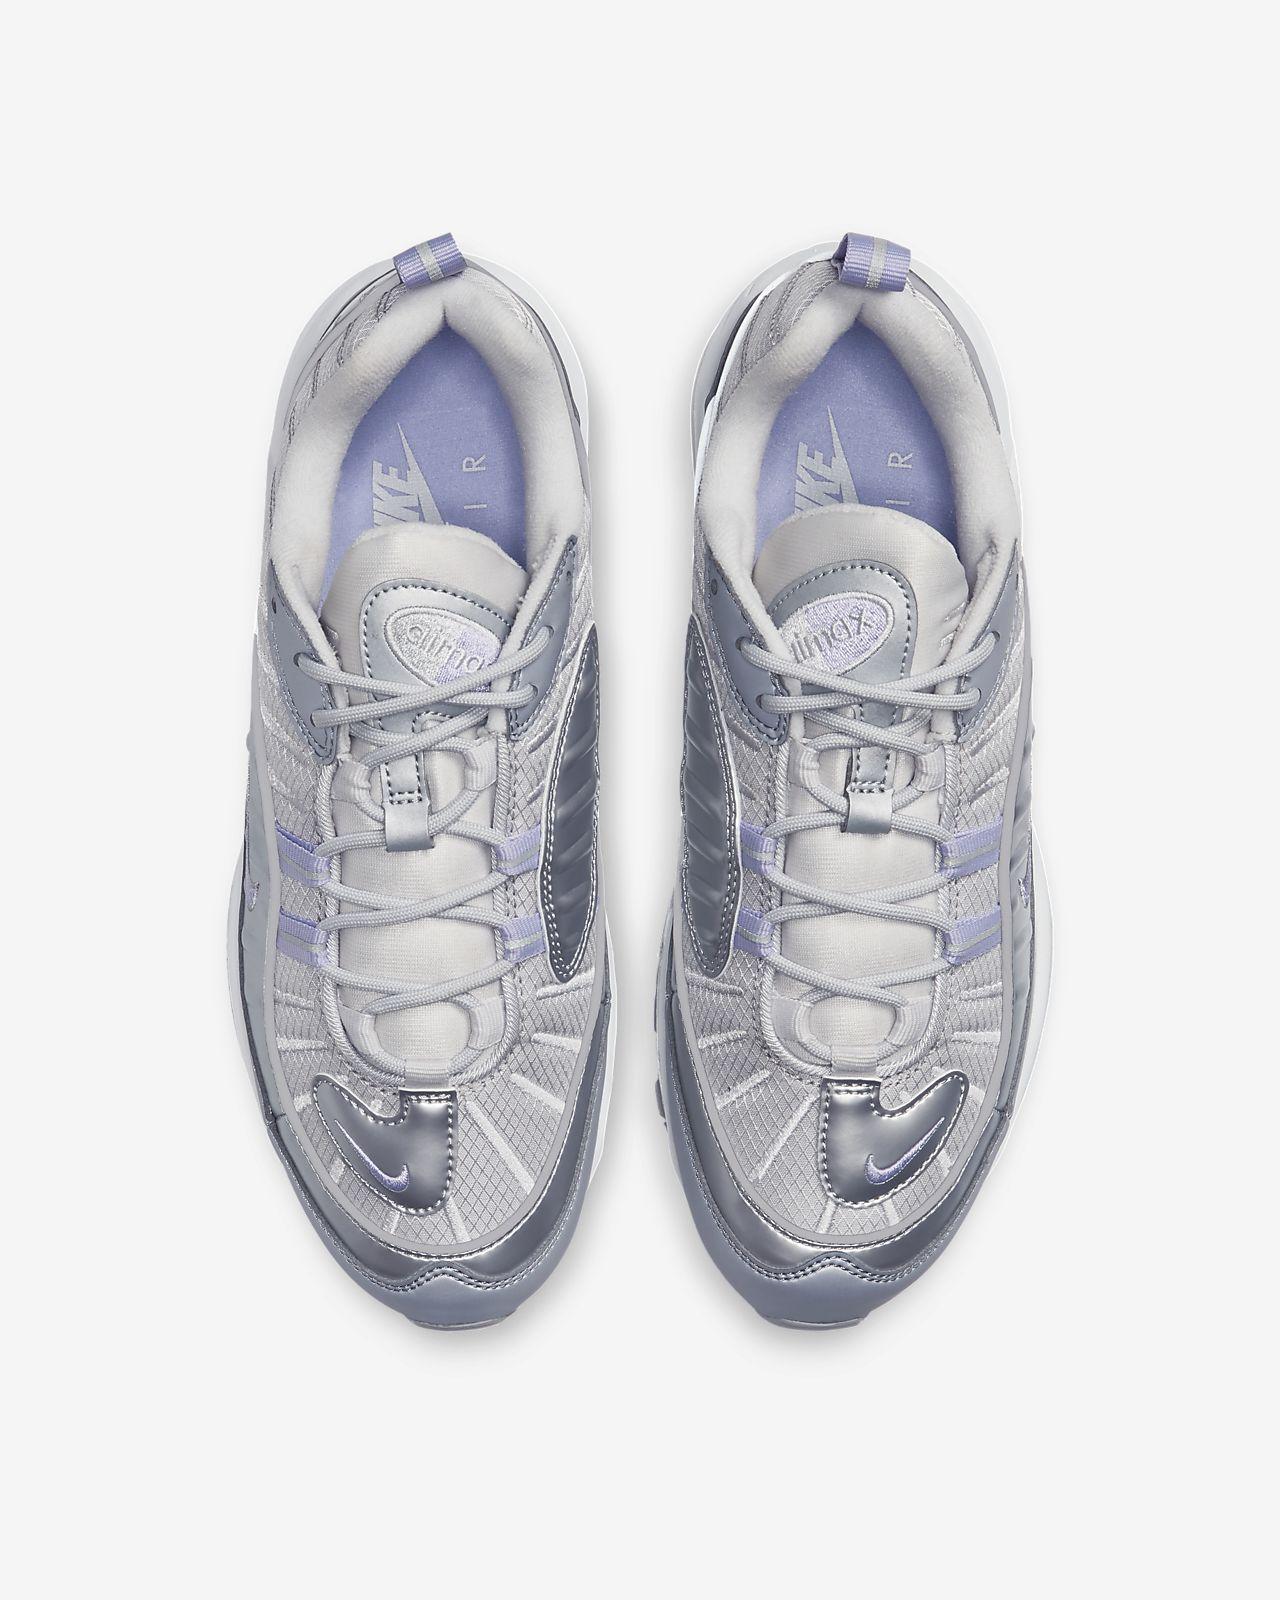 Kicks Deals – Official Website Nike Air Max 98 Vast Grey